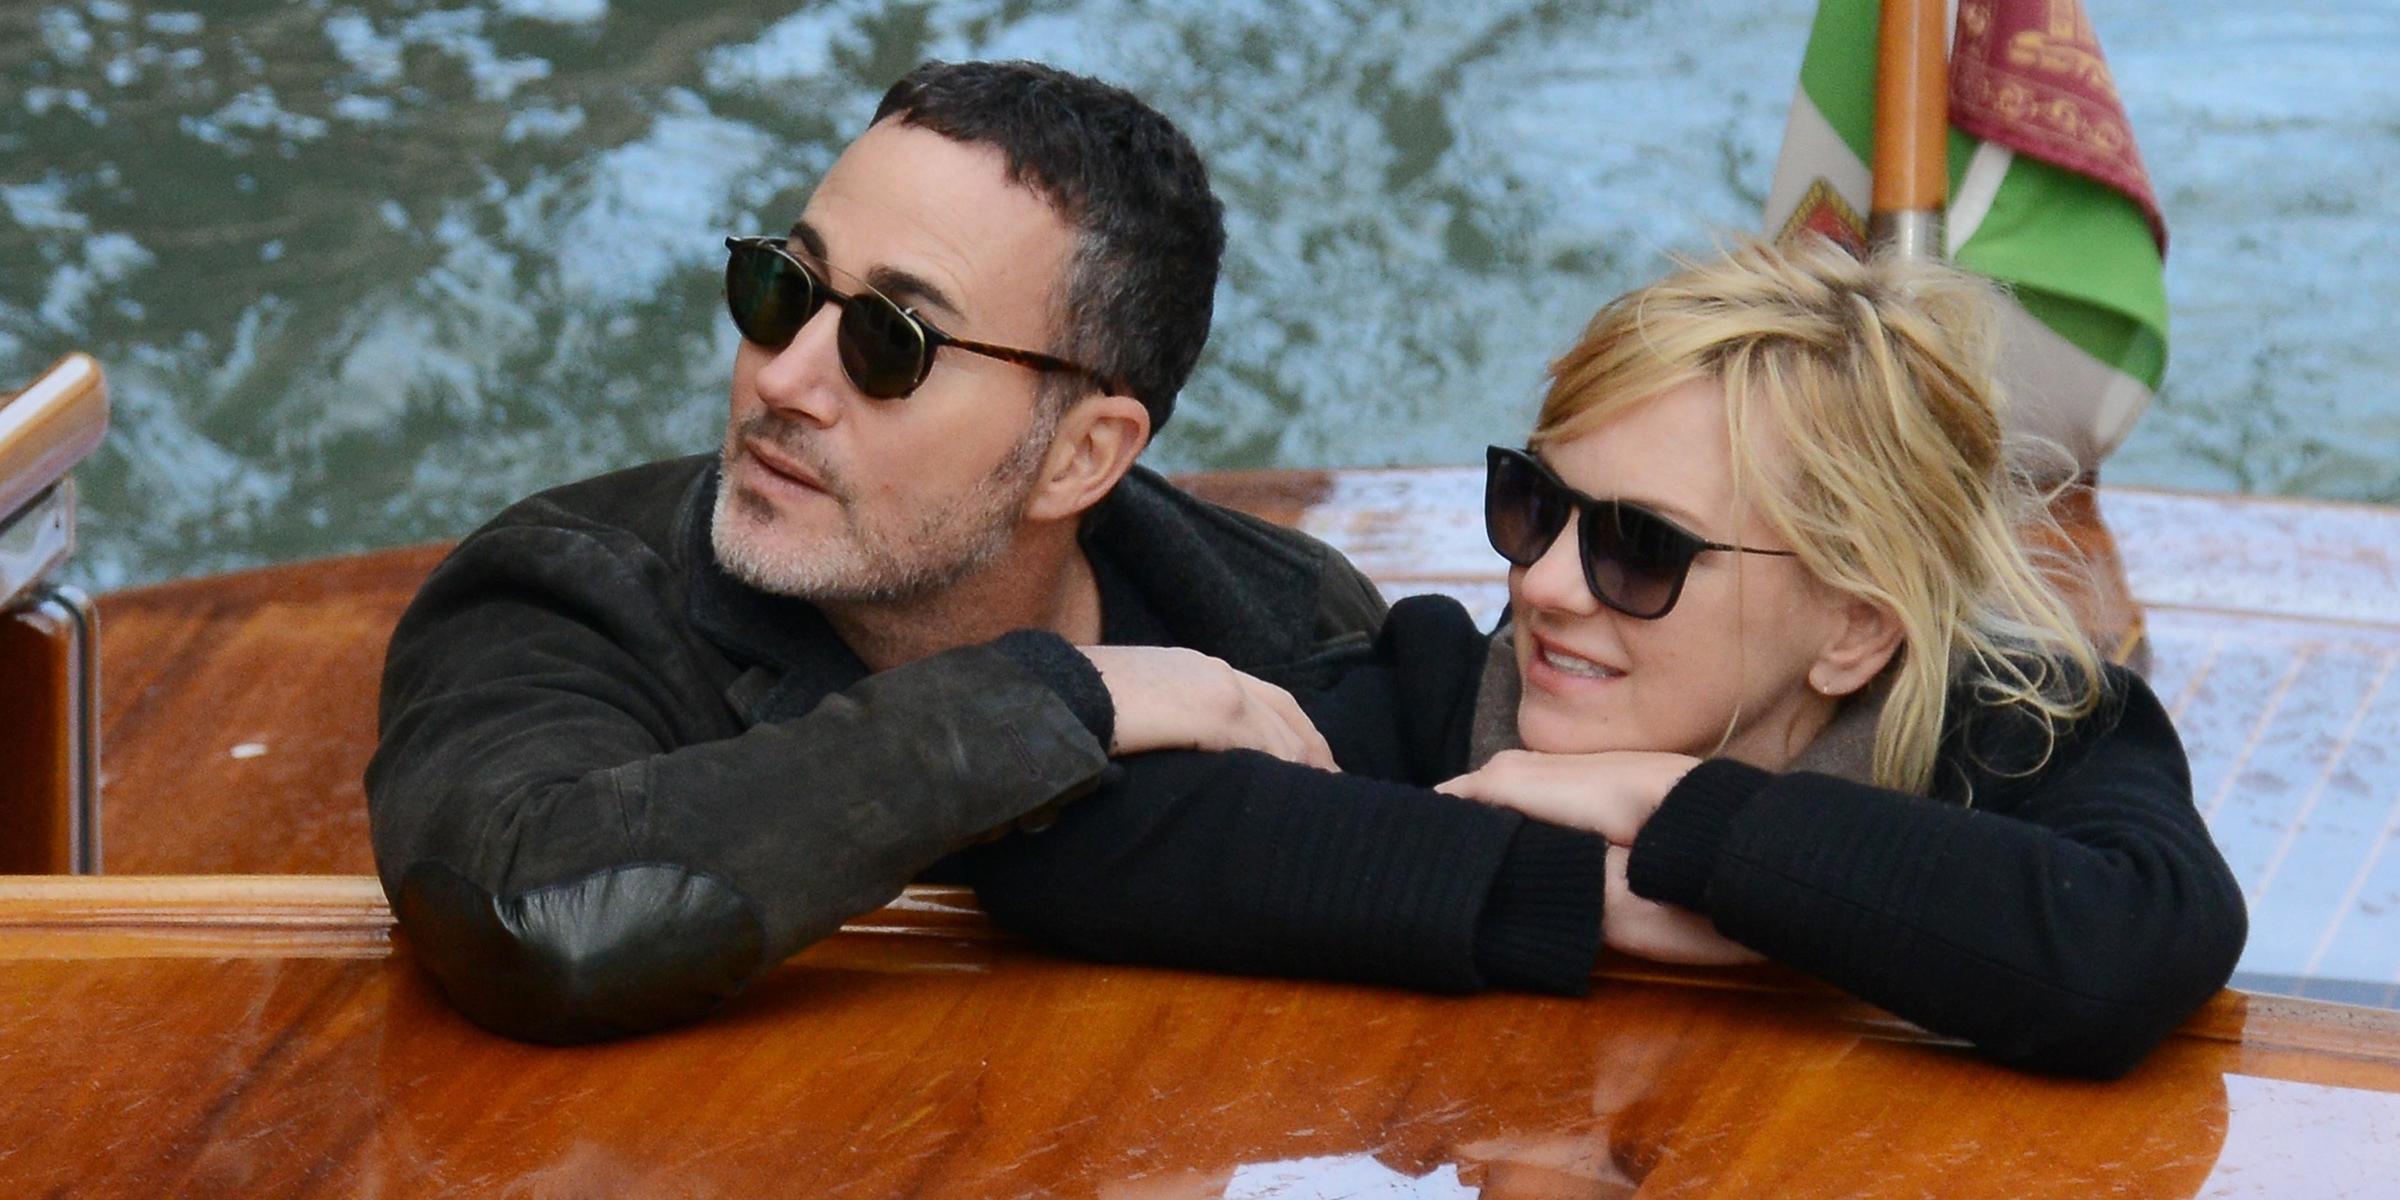 Anna Faris and boyfriend Michael Barrett